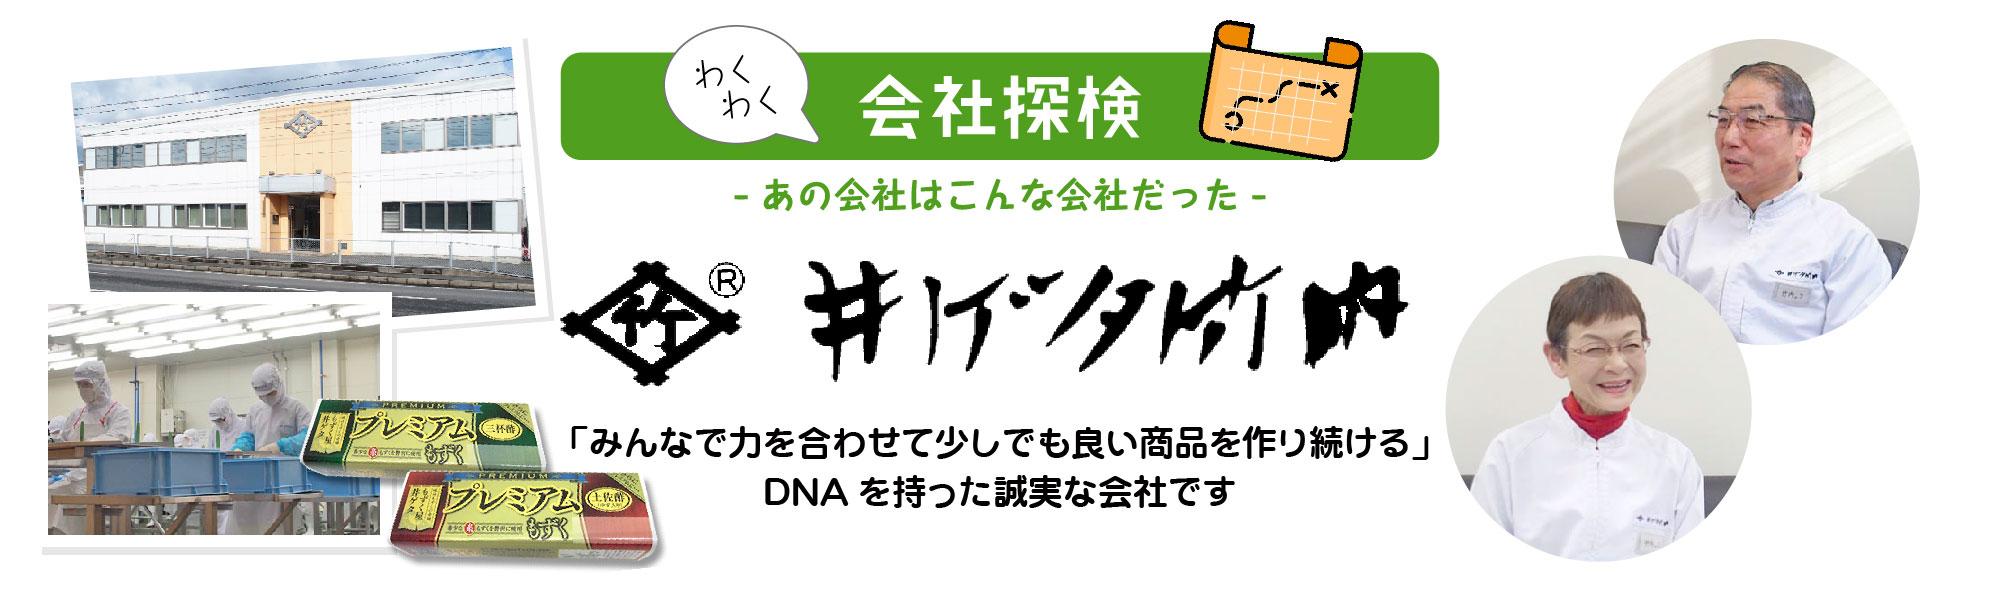 株式会社井ゲタ竹内